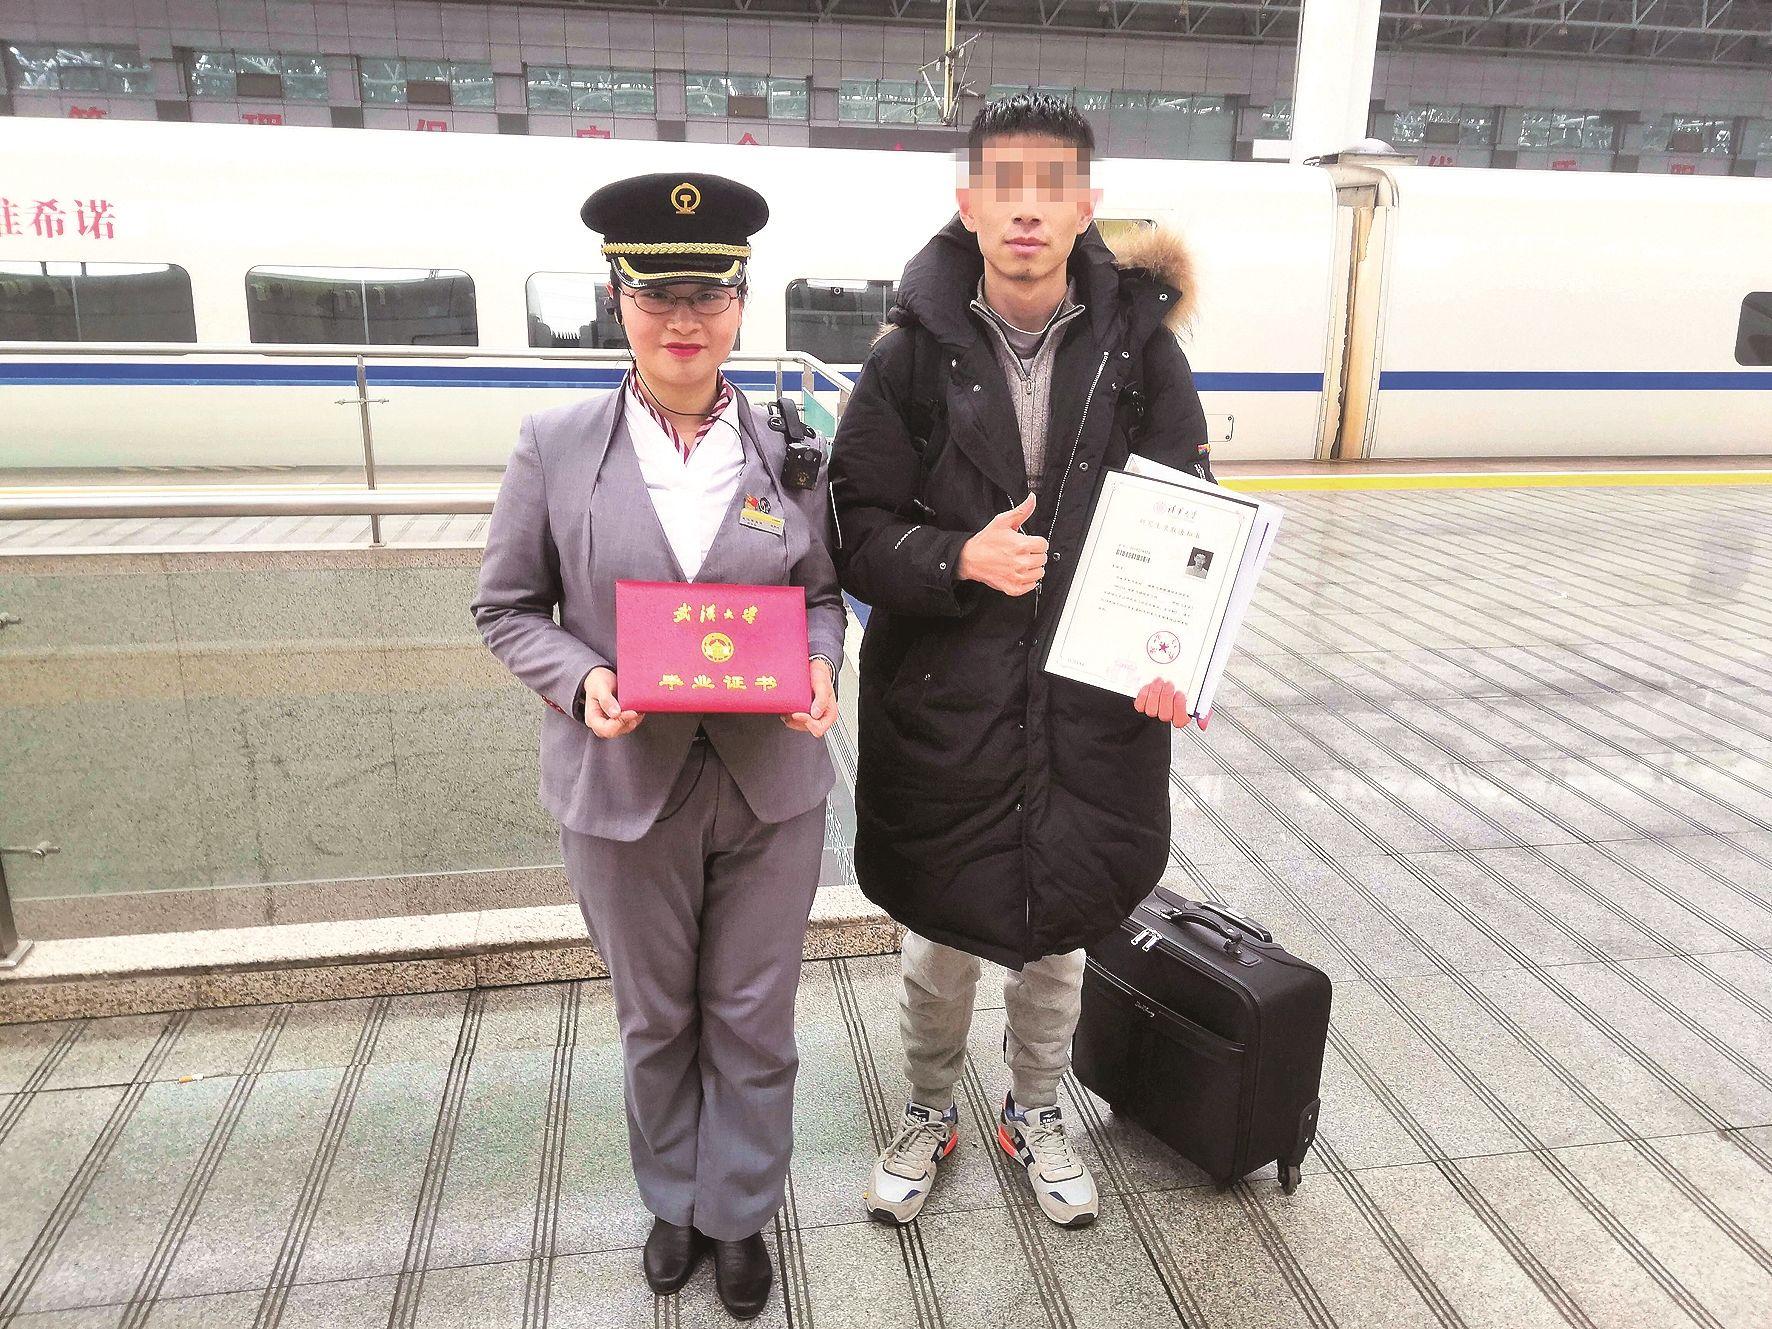 清华研究生将行李箱遗失在动车上 列车长凭一个信封找到失主